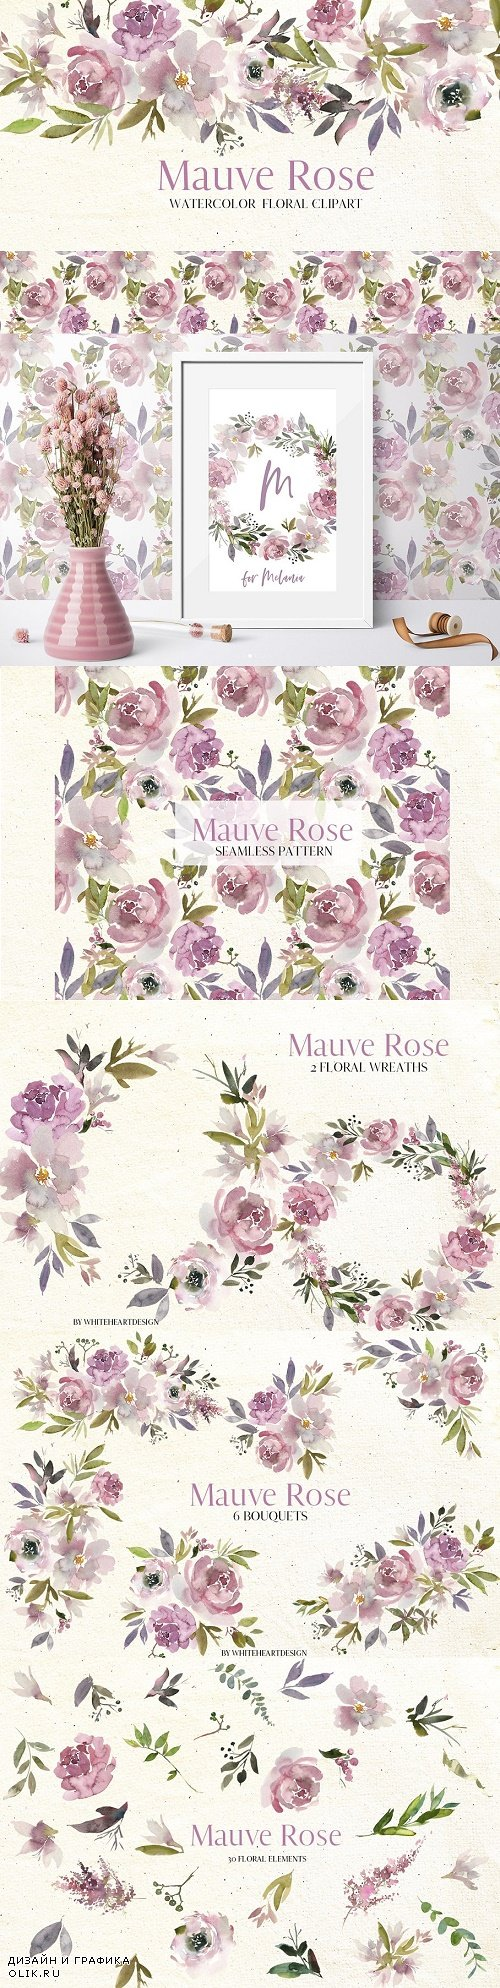 Mauve Rose Watercolor Floral Clipart - 2997079